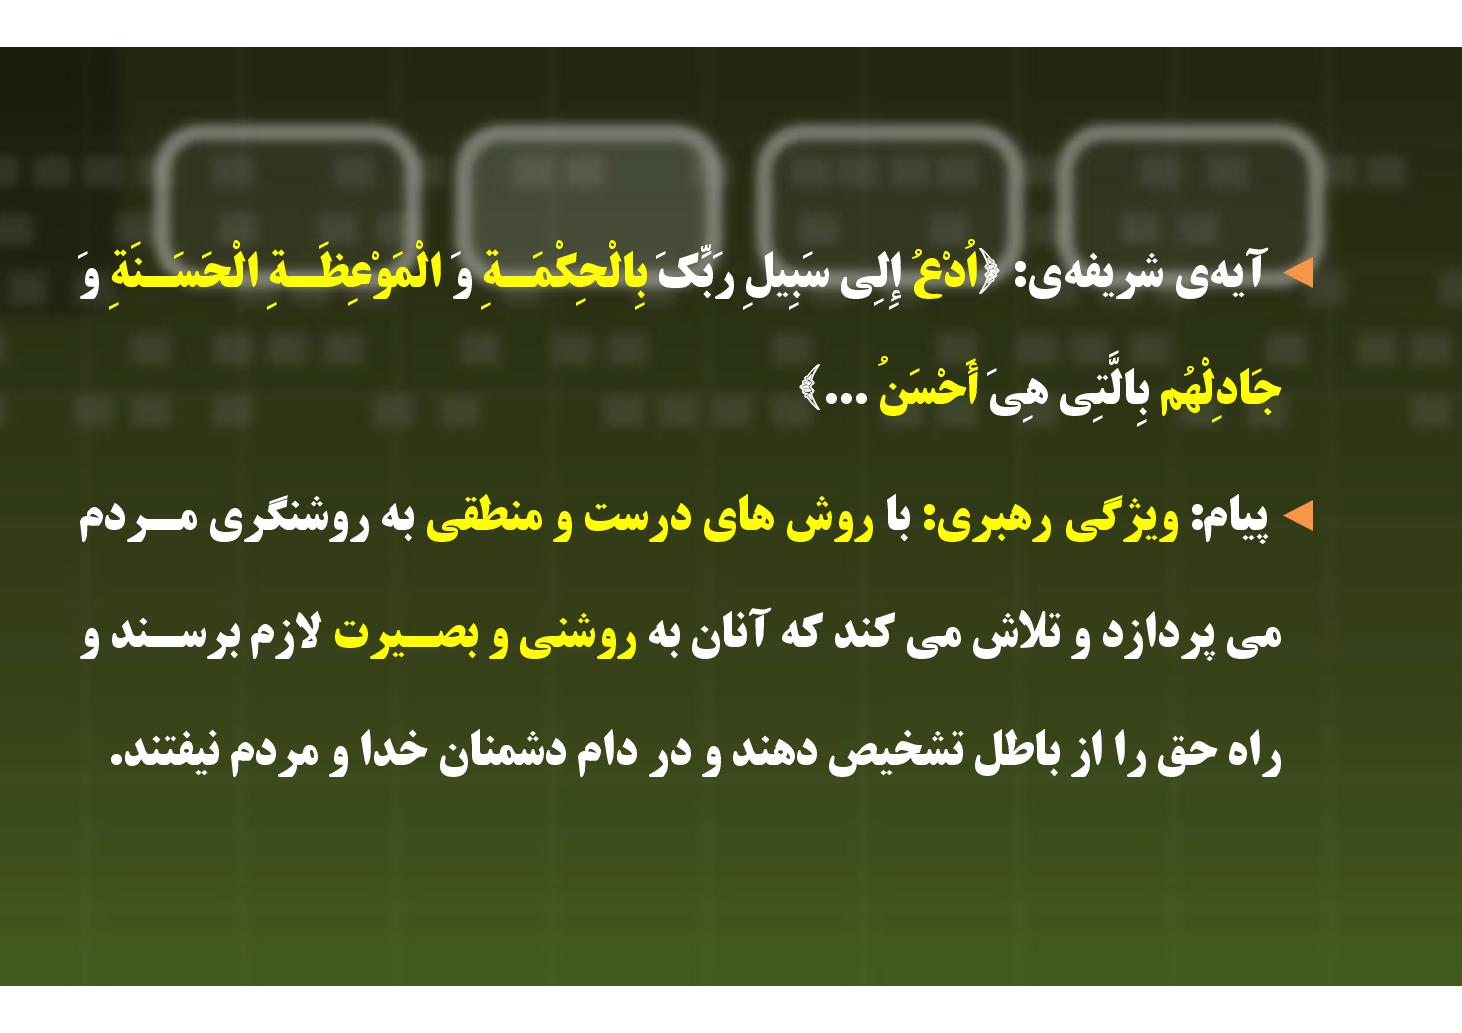 دین و زندگی ٣- درس ١٢- آیات مرتبط با ویژگیهای حکومت اسلامی- بخش ١ (PDF)